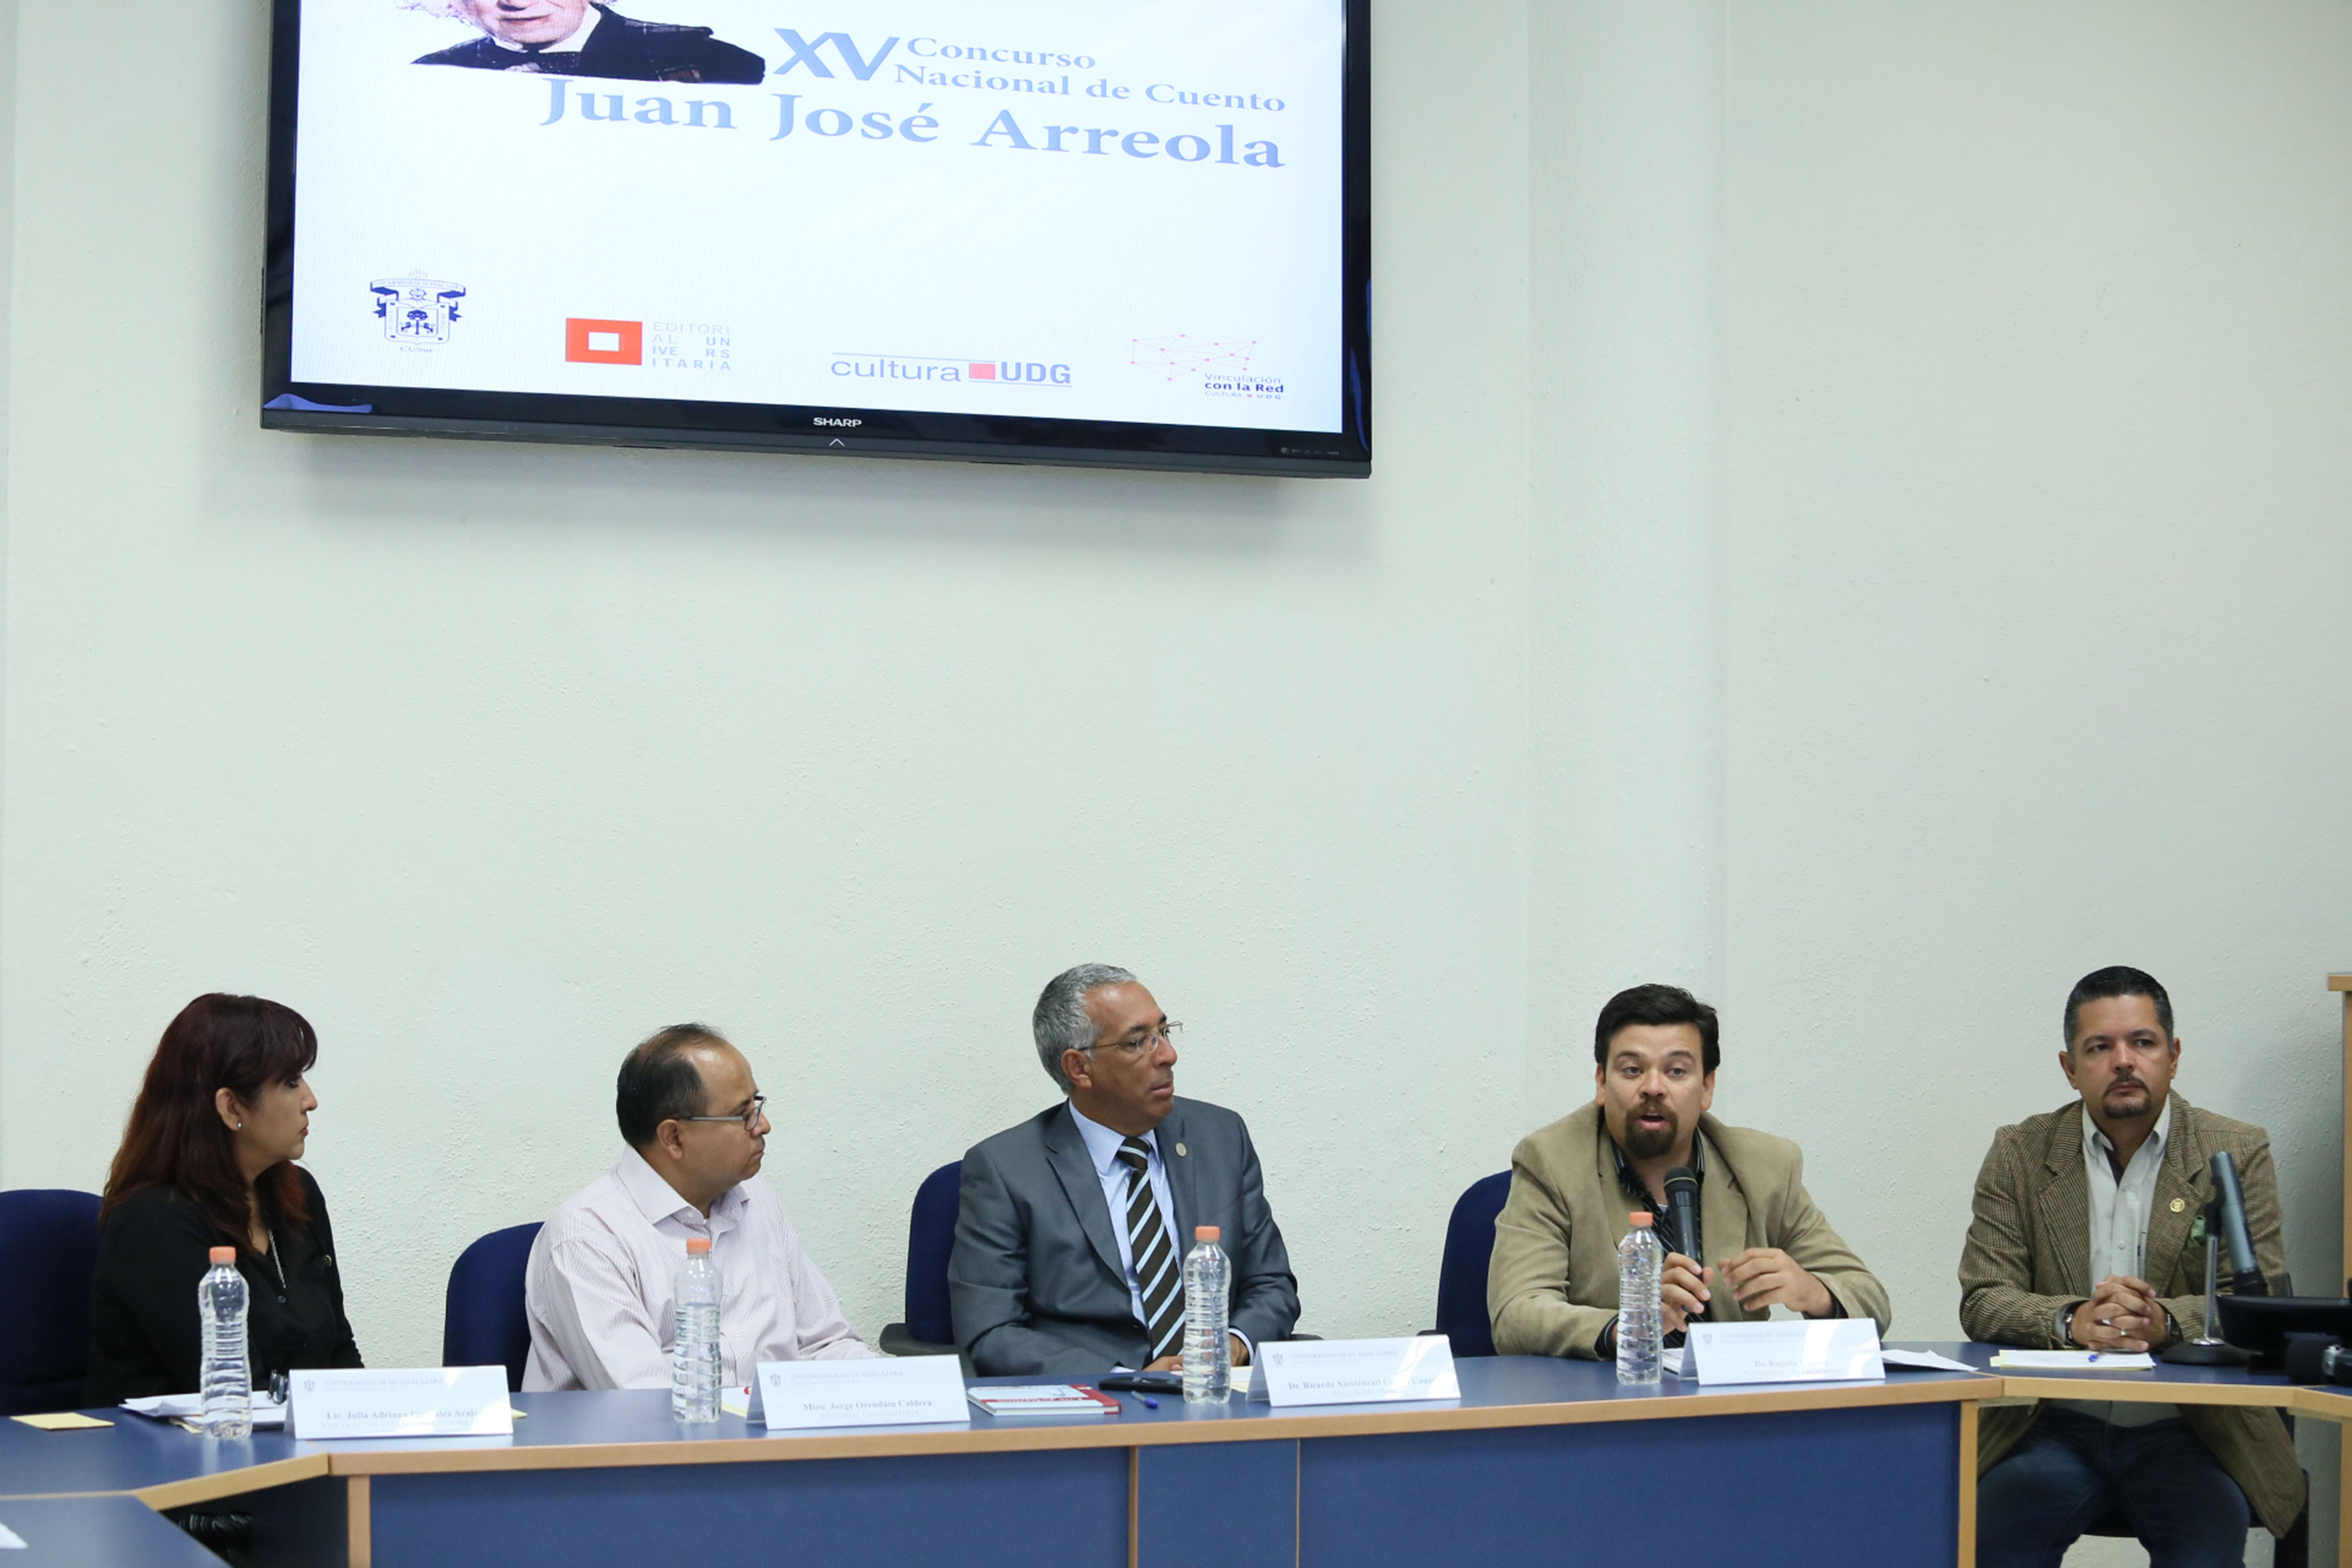 """Rueda de prensa sobre el ganador del XV Concurso Nacional de Cuento, """"Juan José Arreola"""""""